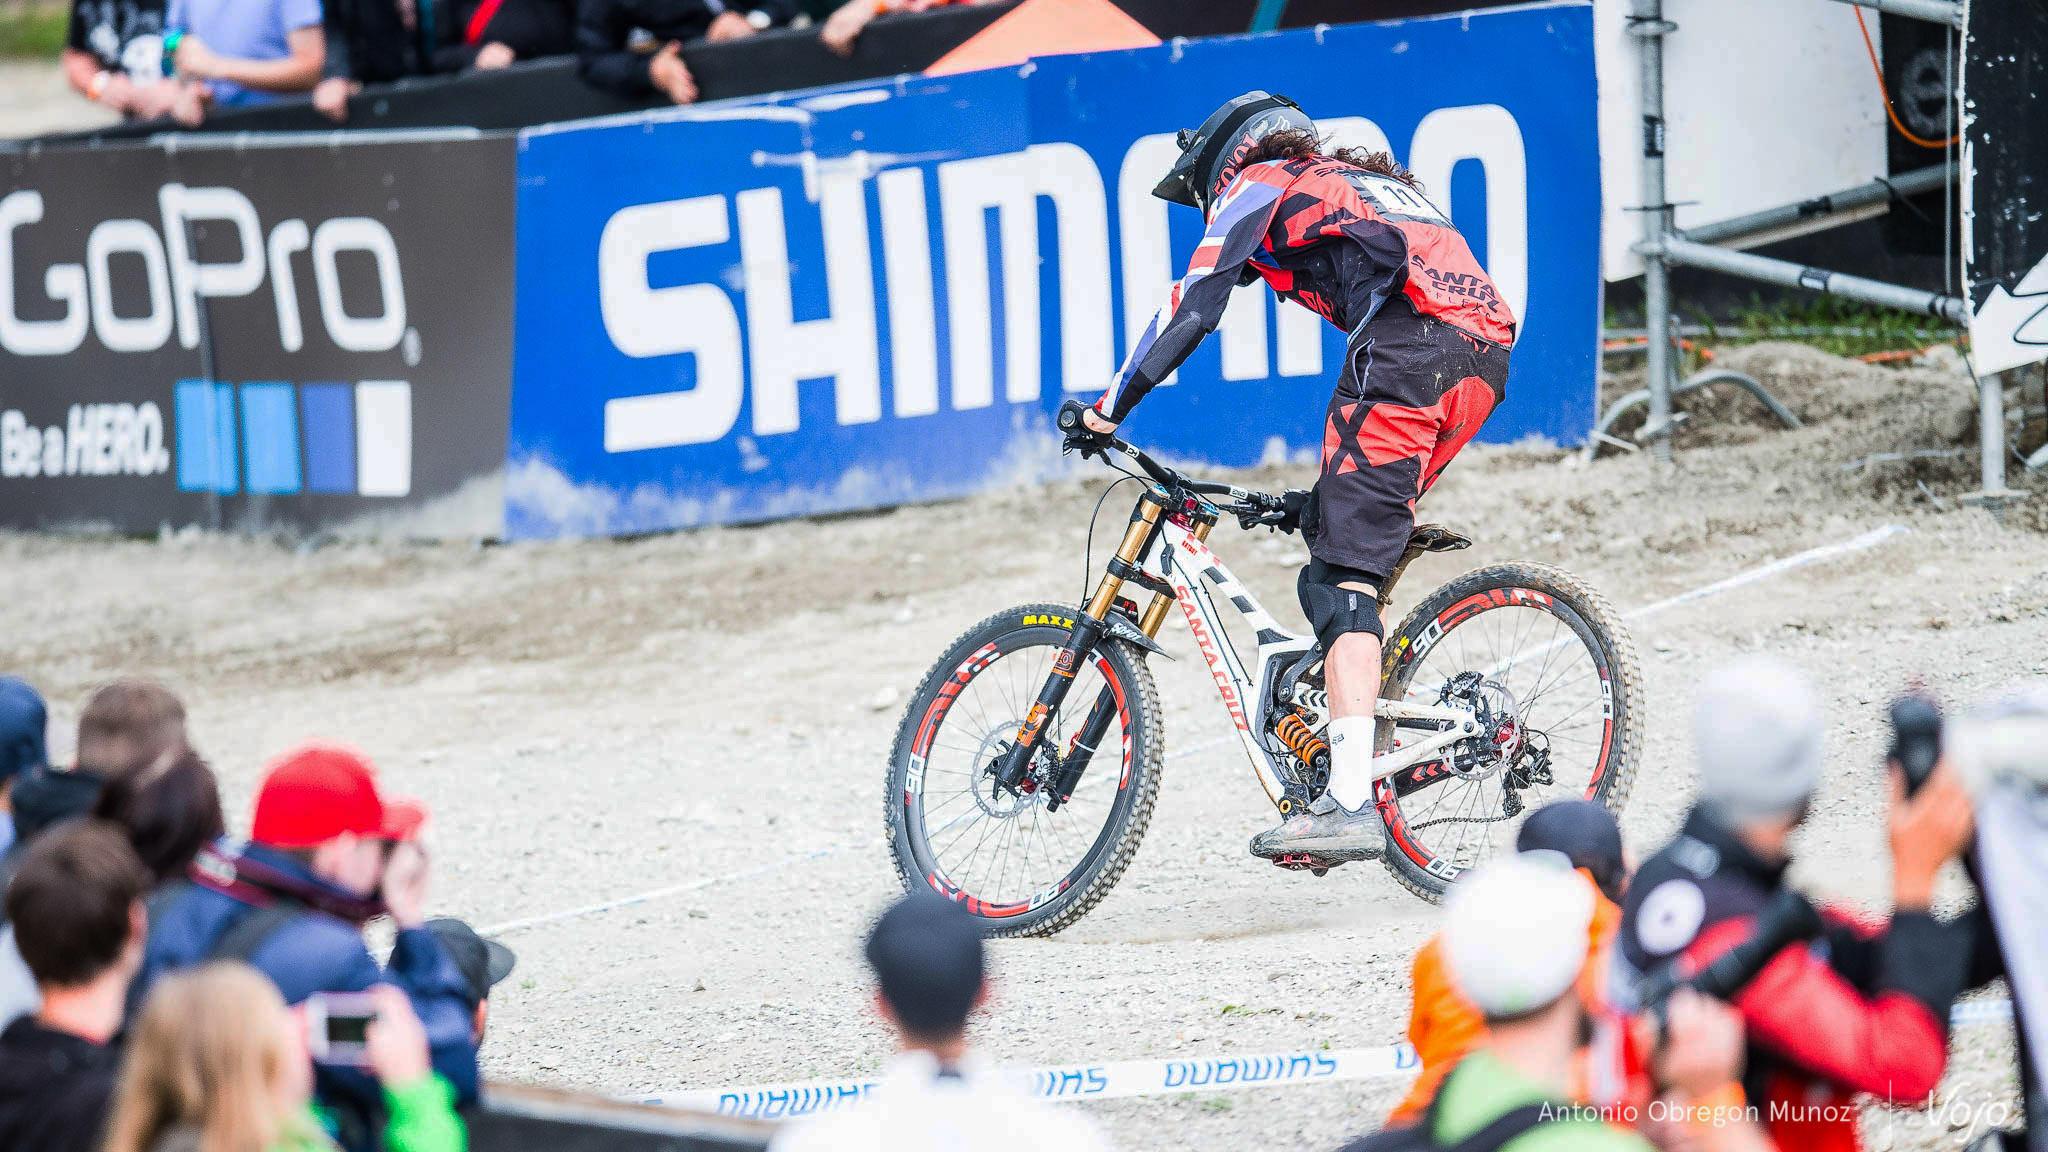 Leogang_UCI_World_Cup_DH_2015_(Porfolio)_(Brycland)_(Copyright_Antonio_Obregon_VojoMag-96